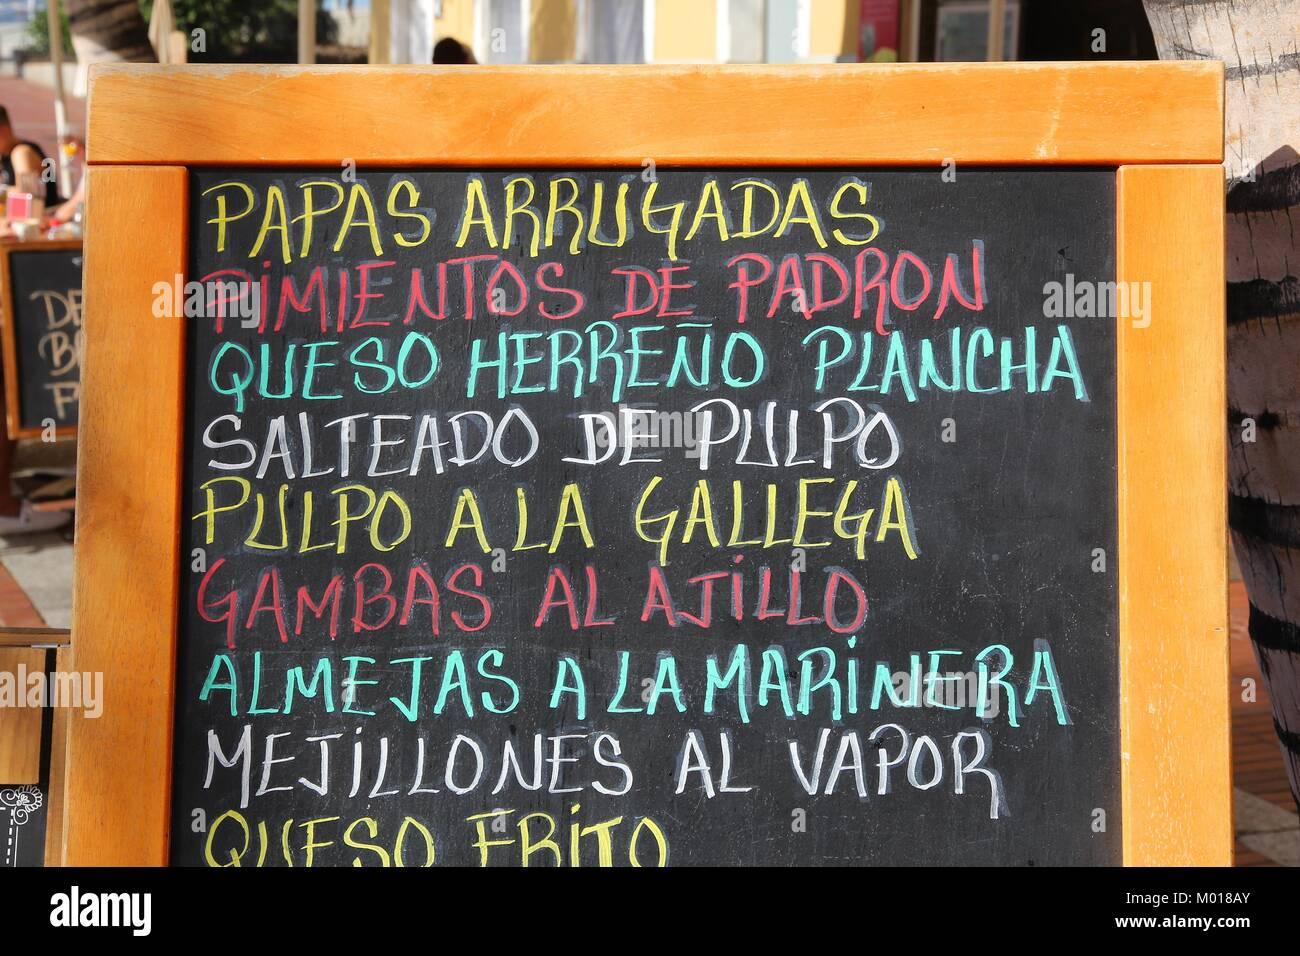 """Kanarischen Inseln Küche - Menü mit Papas arrugadas (Wrinkly Kartoffeln), pimientos (Paprika), """"queso Stockbild"""